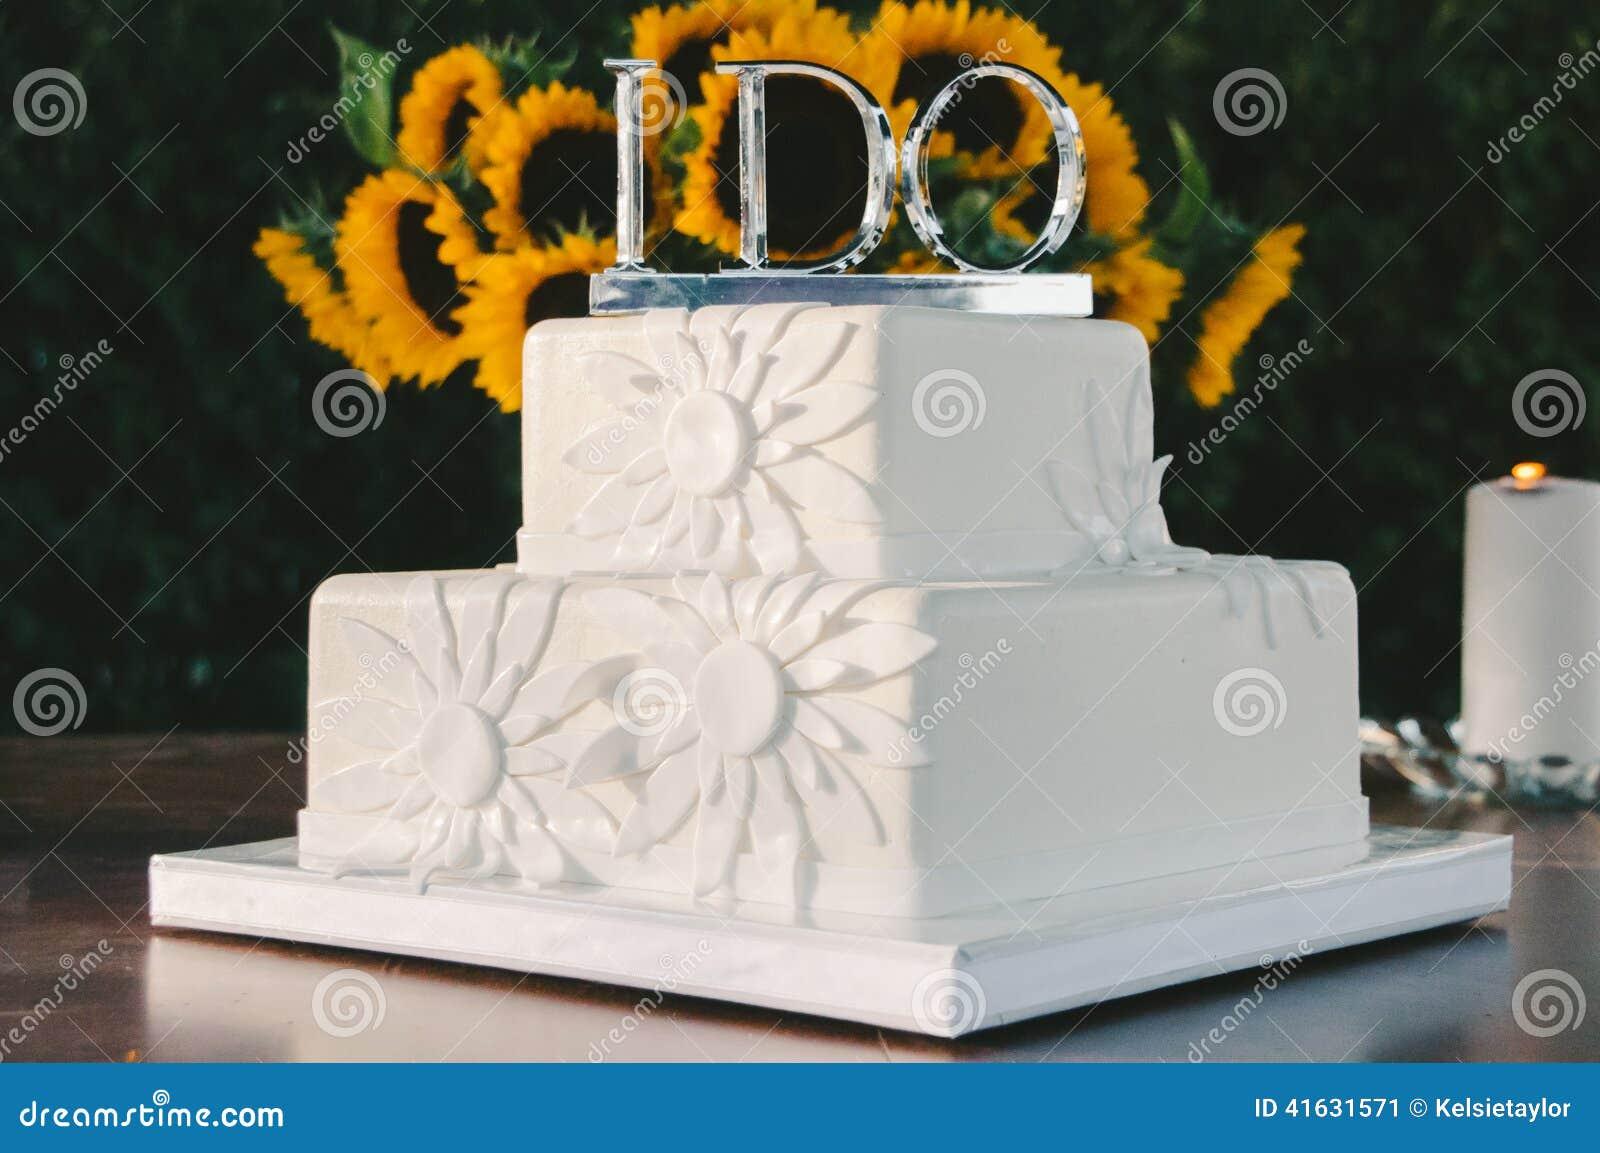 Weisse Hochzeitstorte Mit Silber Tue Ich Deckel Stockbild Bild Von